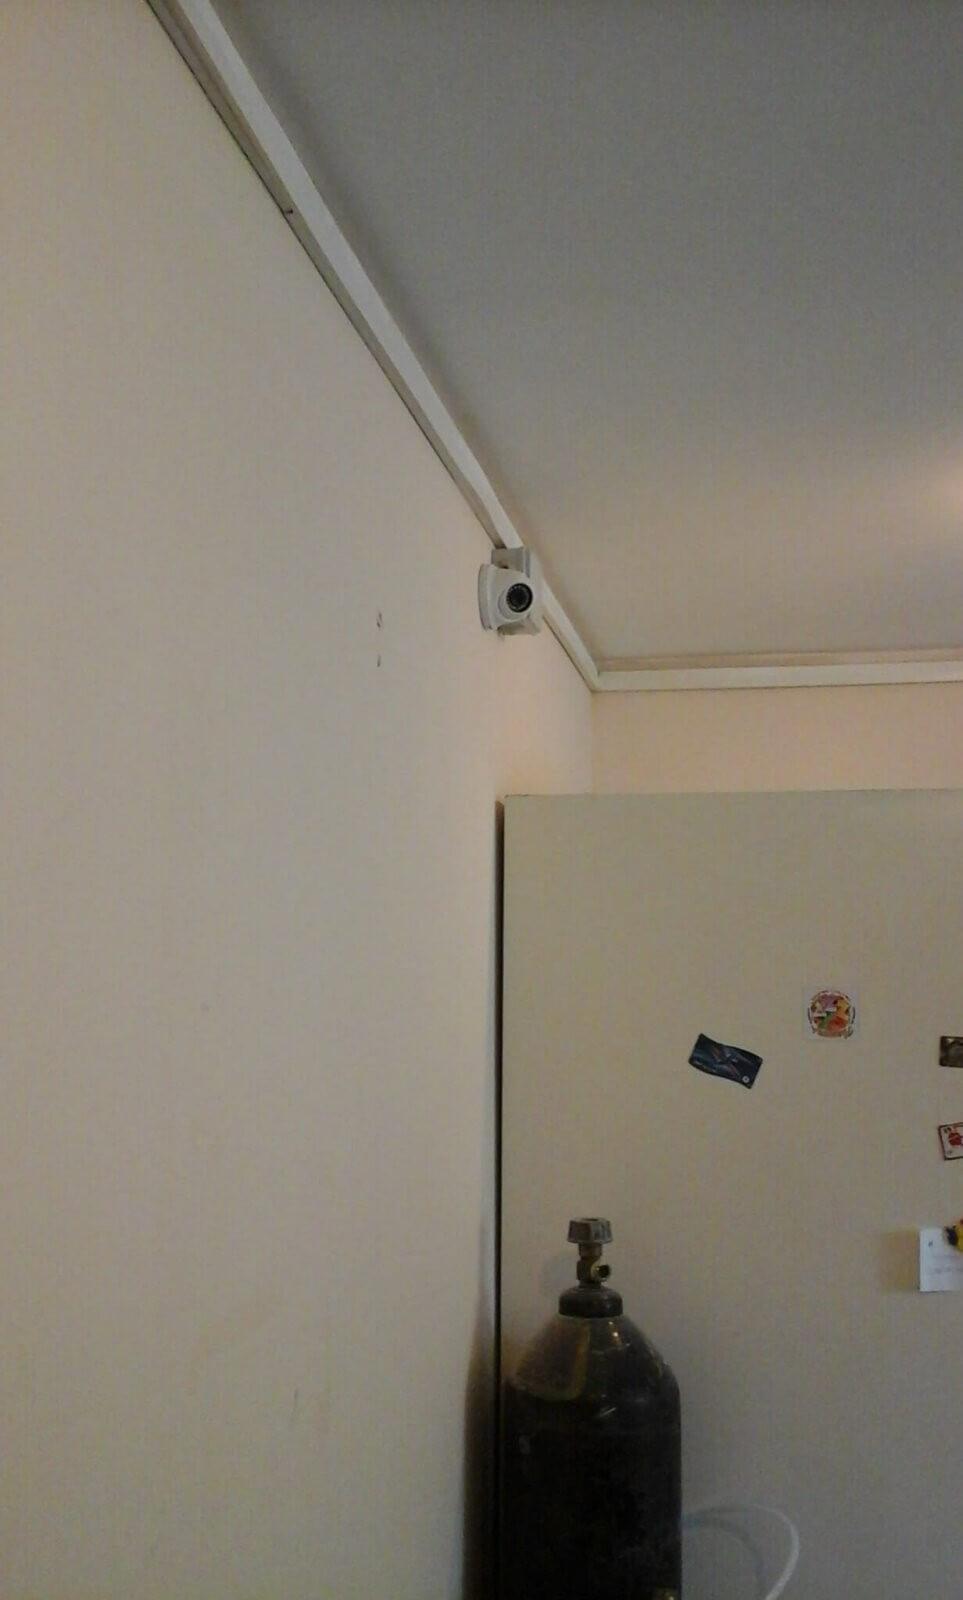 камера наблюдения за персоналом